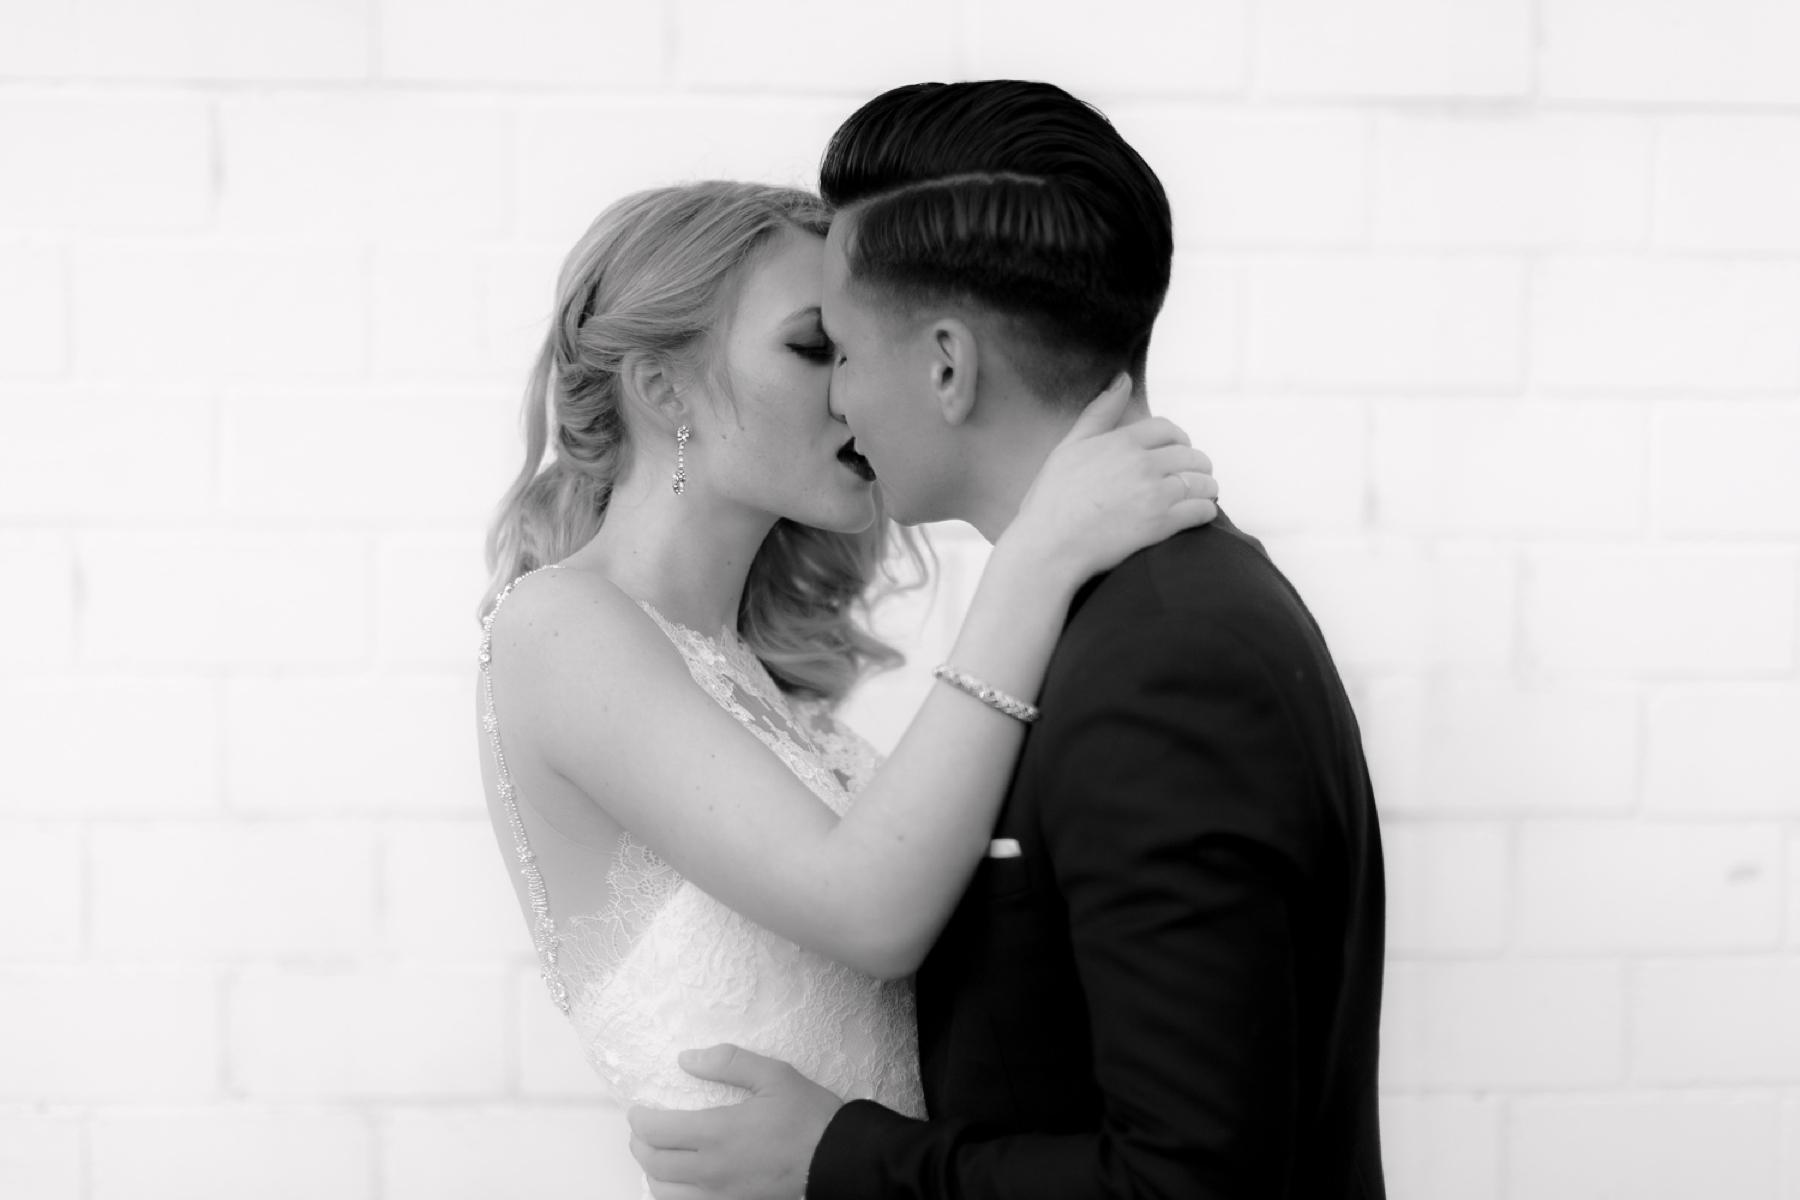 fotografo de bodas-54 37